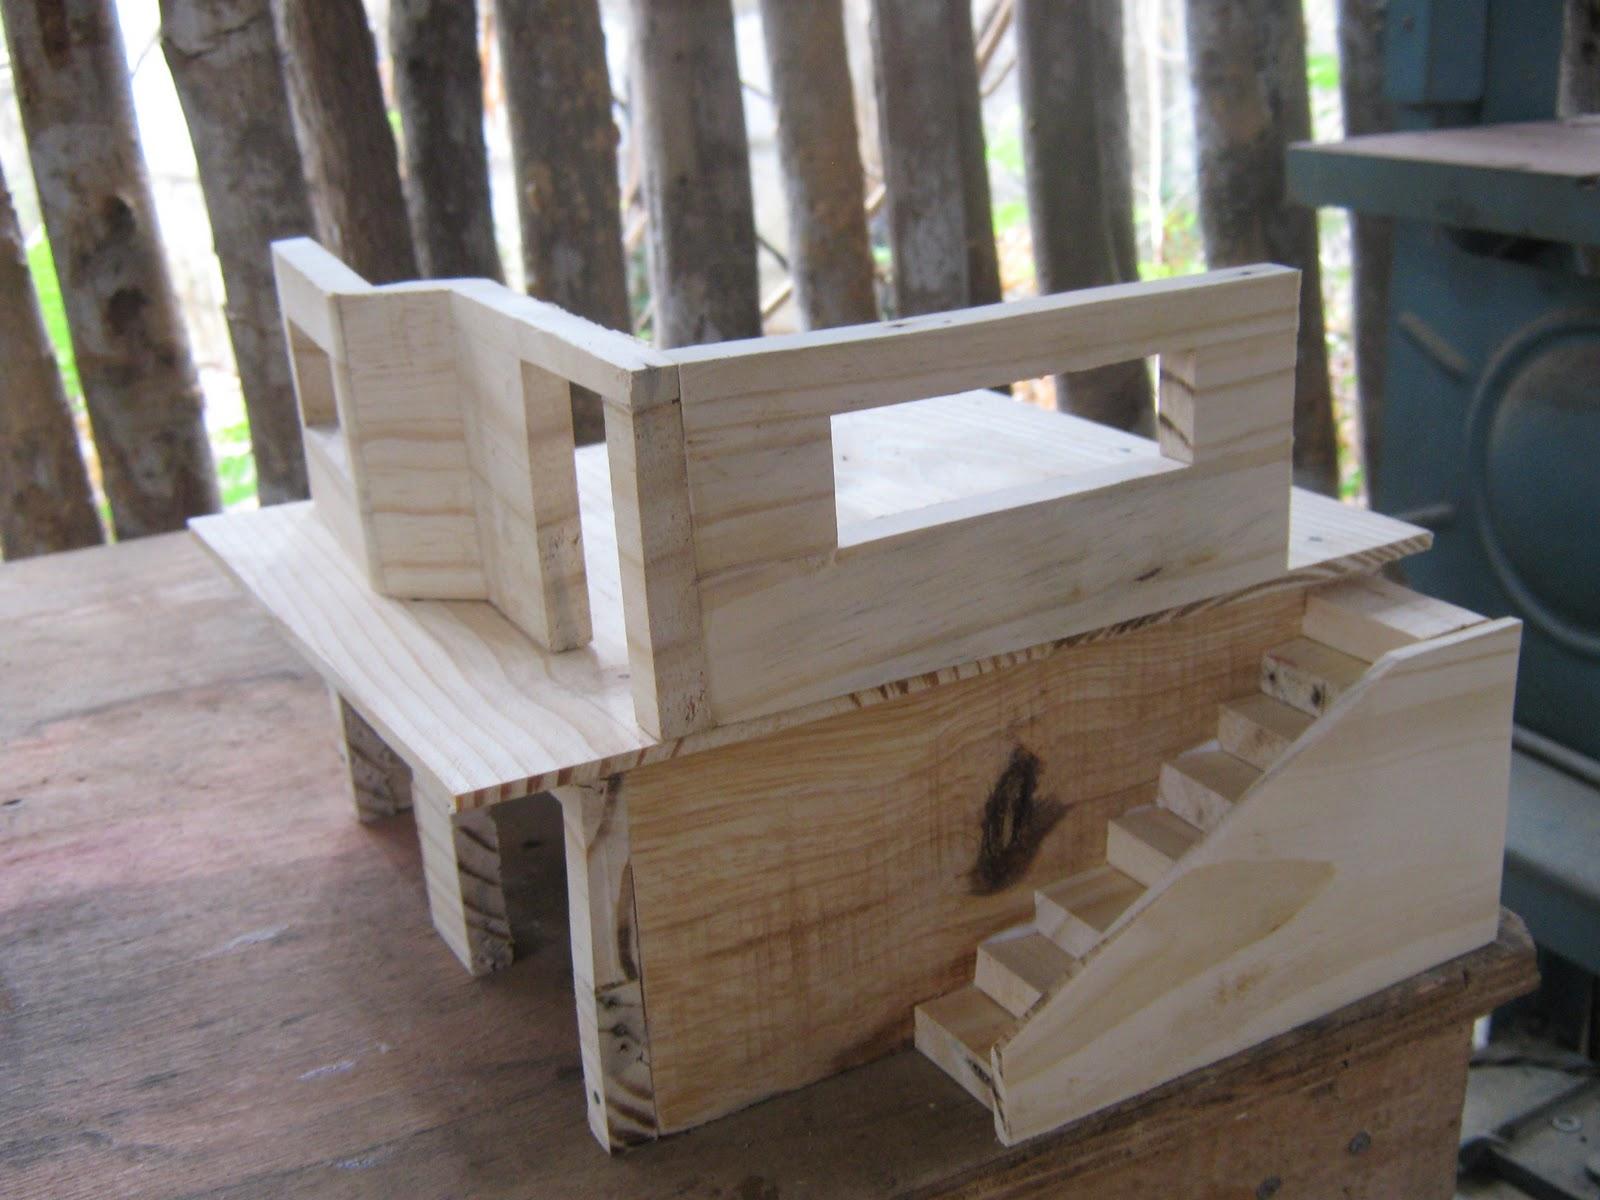 aprenderá a transformar caixotes de madeira desses usados para  #758348 1600x1200